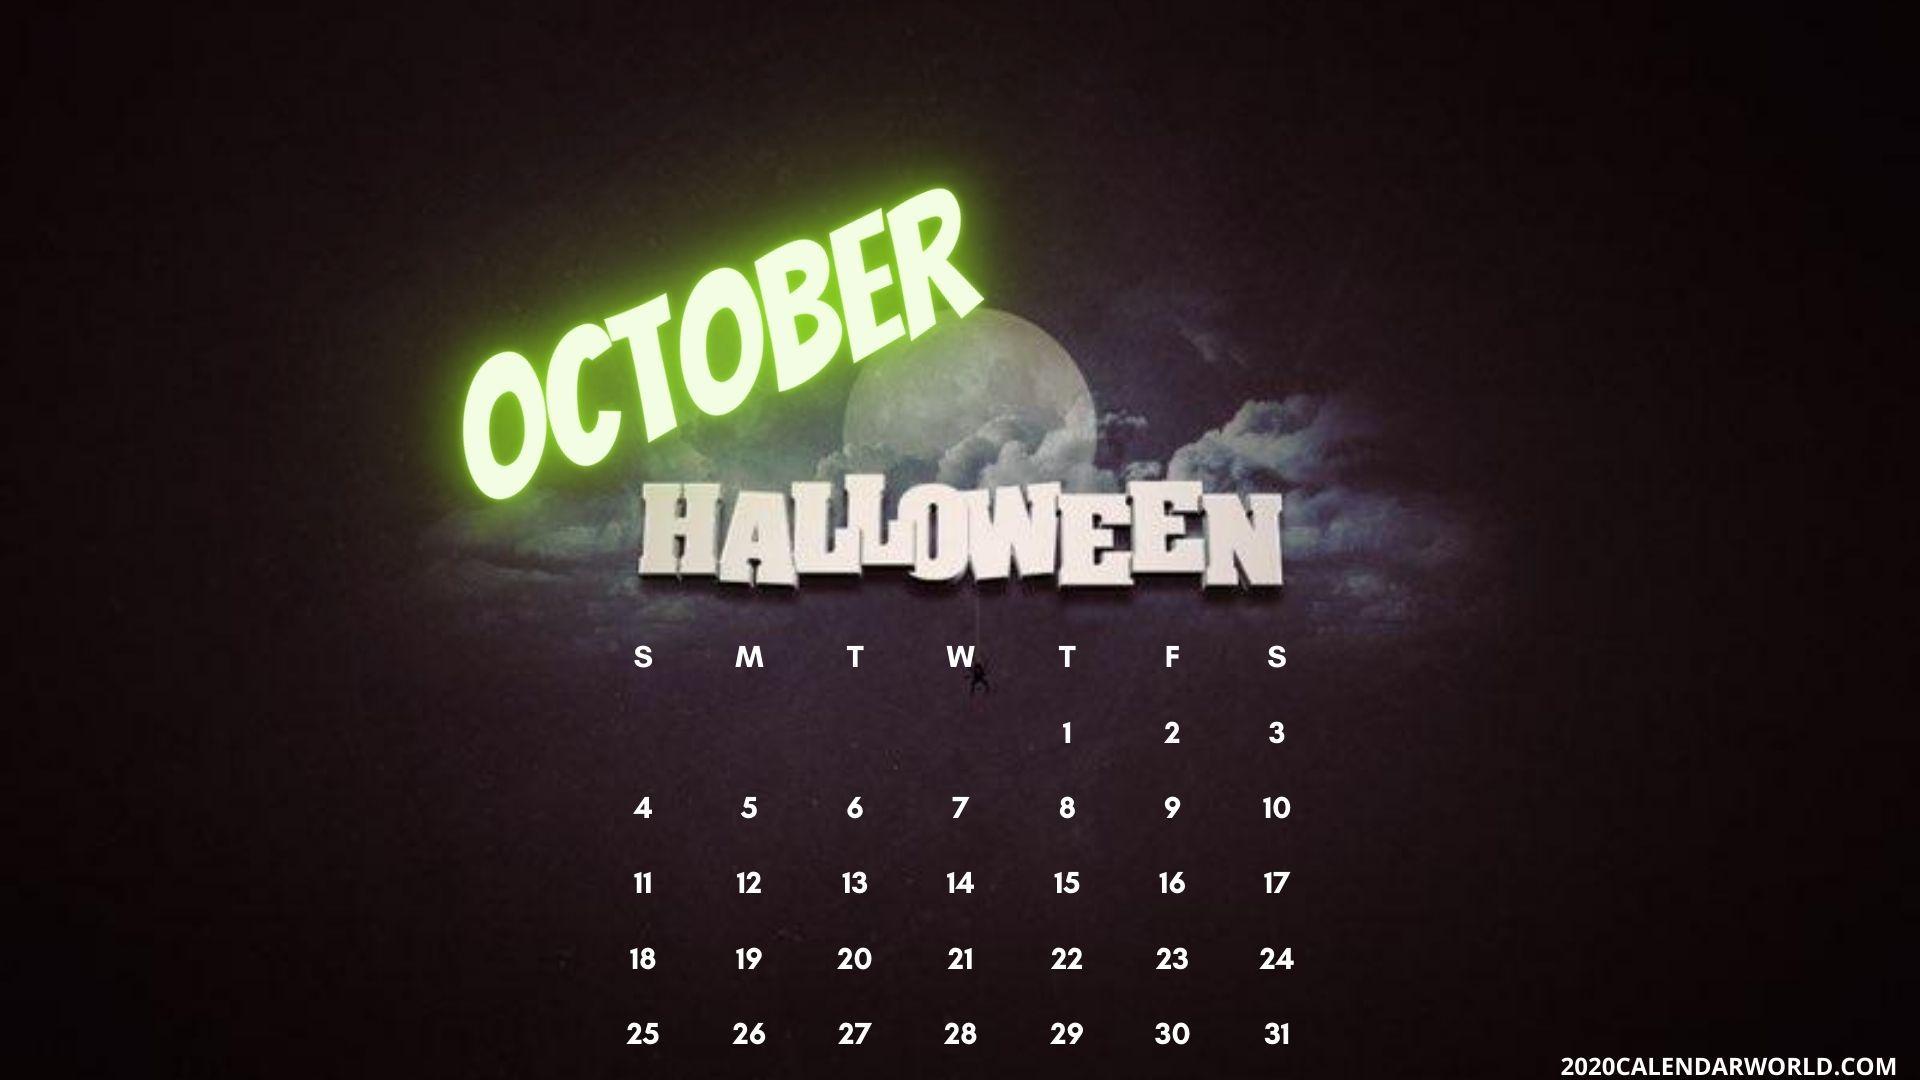 Halloween October 2020 month calendar desktop wallpaper in 2020 1920x1080